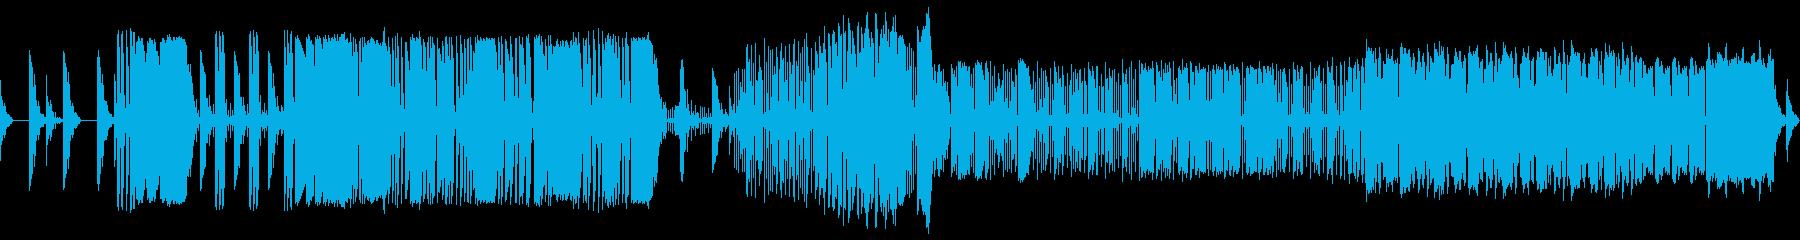 2部構成の再生済みの波形